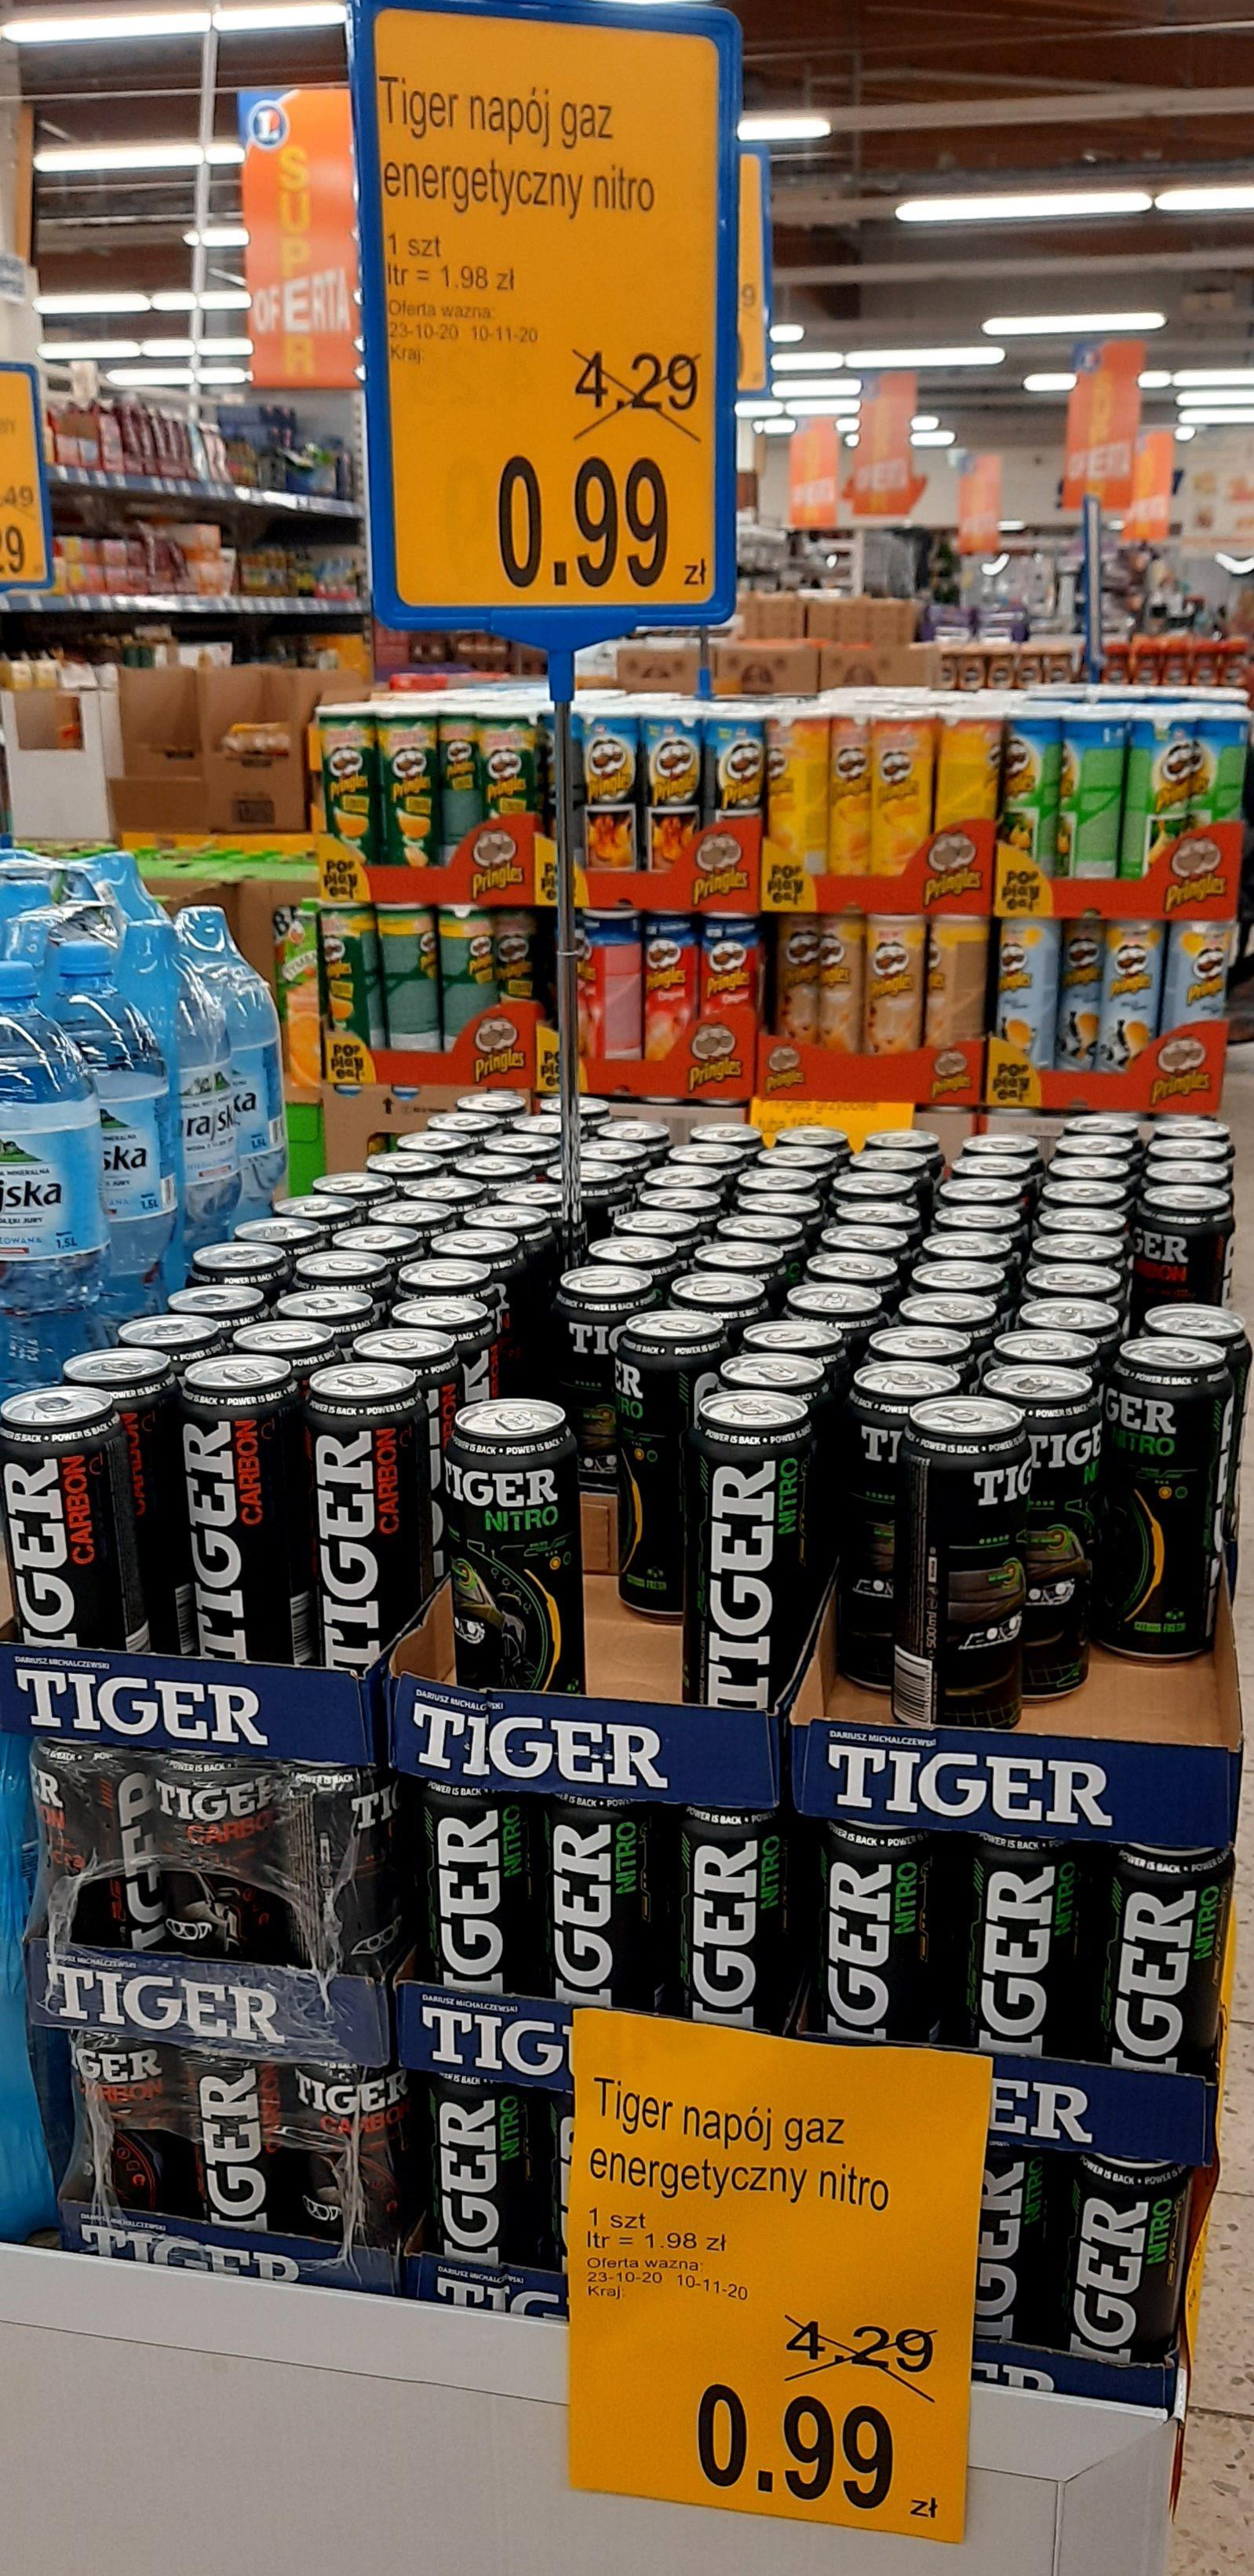 Napój energetyczny Tiger Carbon / Nitro cena : 0,99zł/szt. (0,5l) E.Leclerc